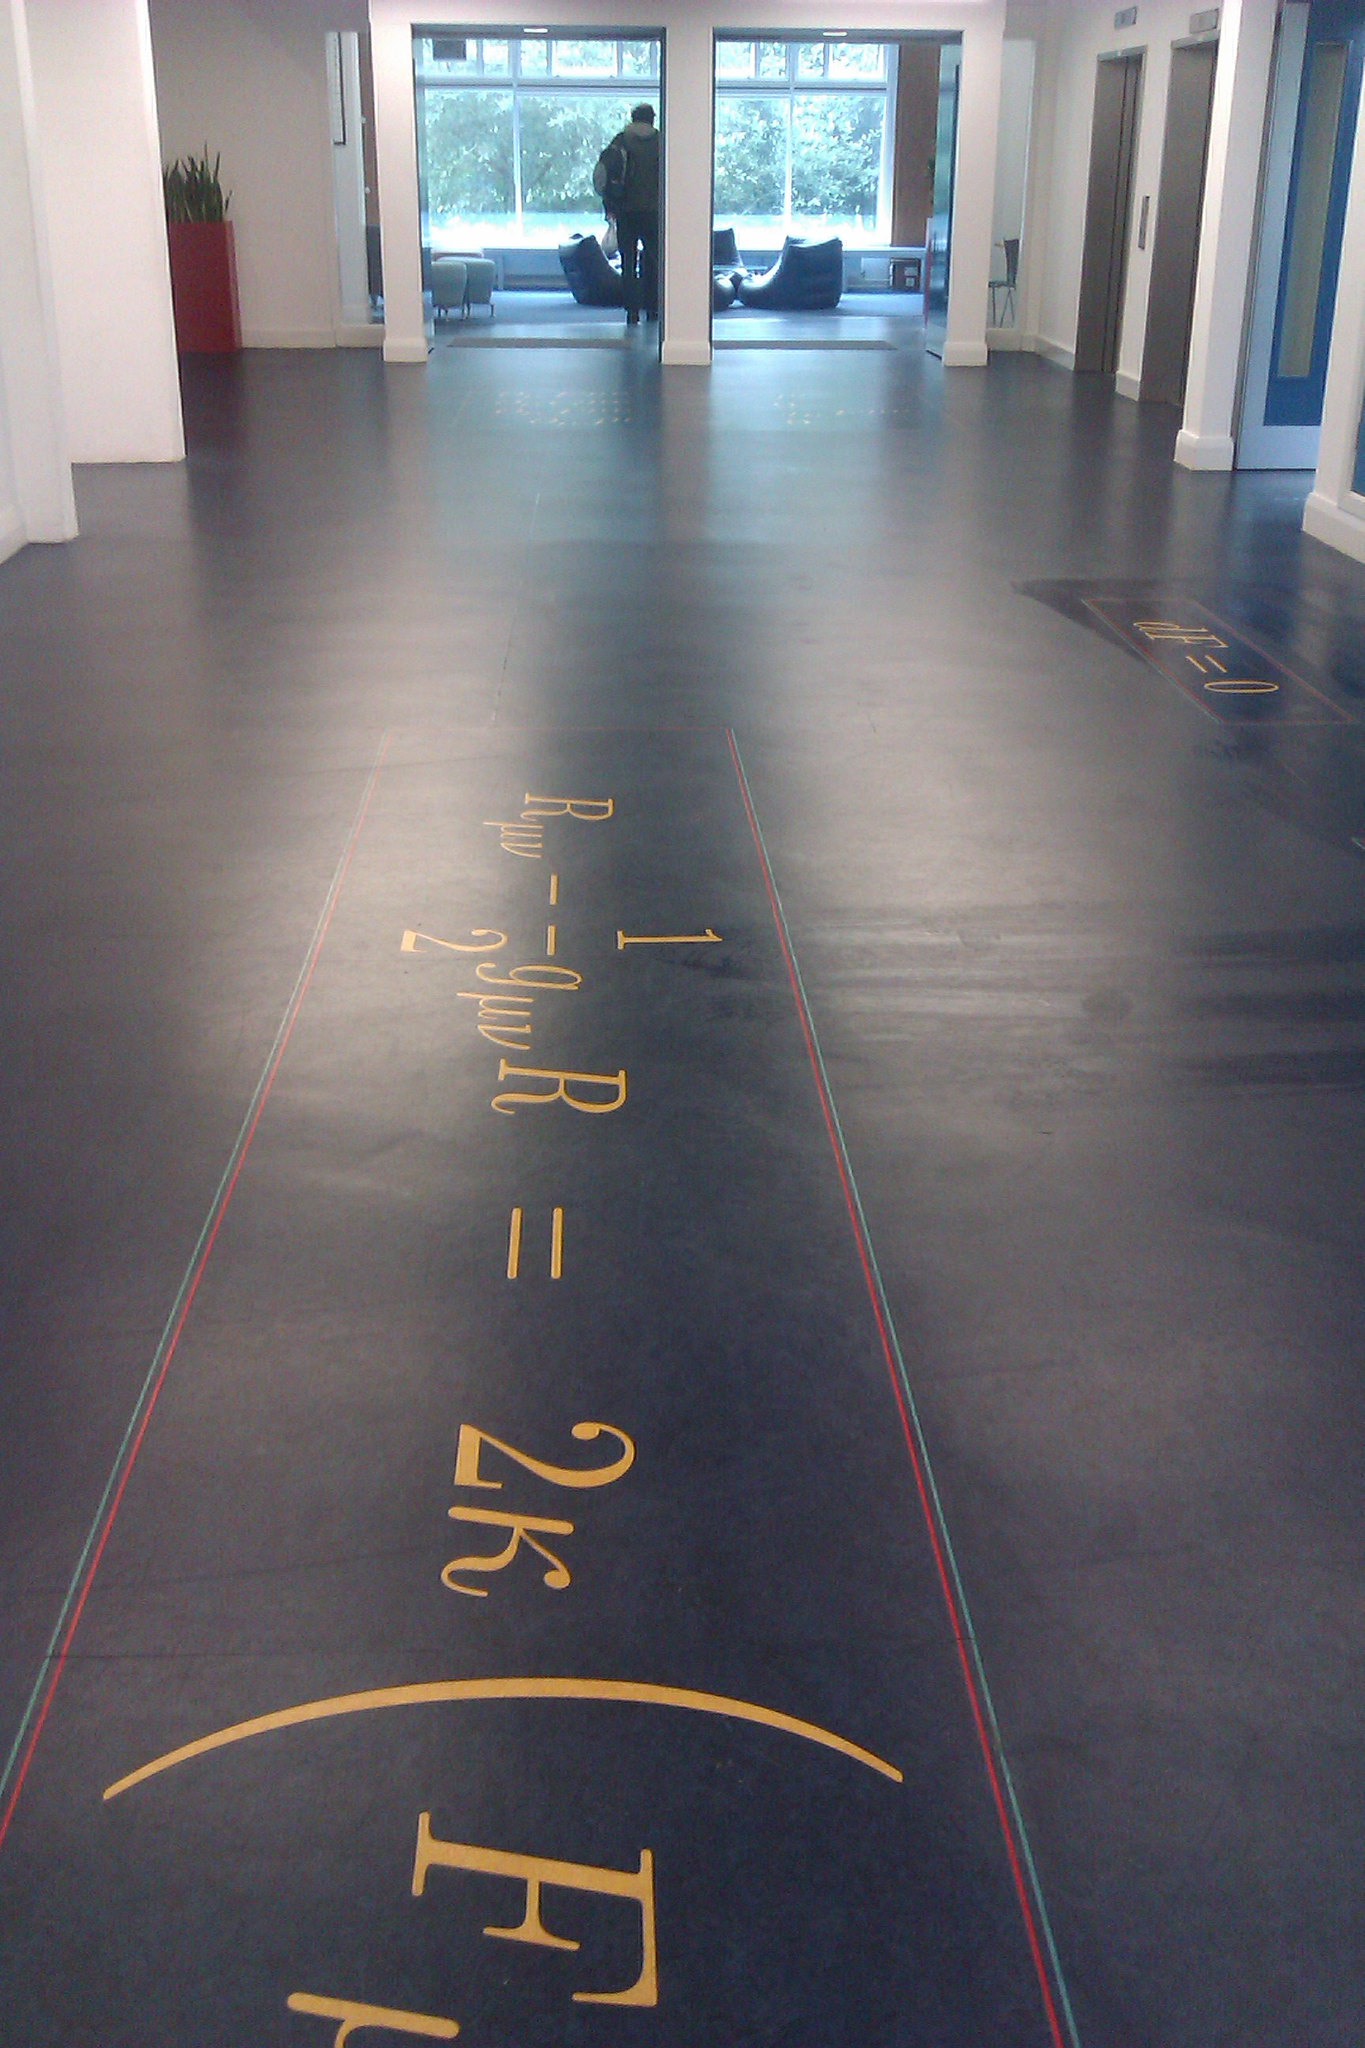 Maxwells equations floor of the JCMB University of